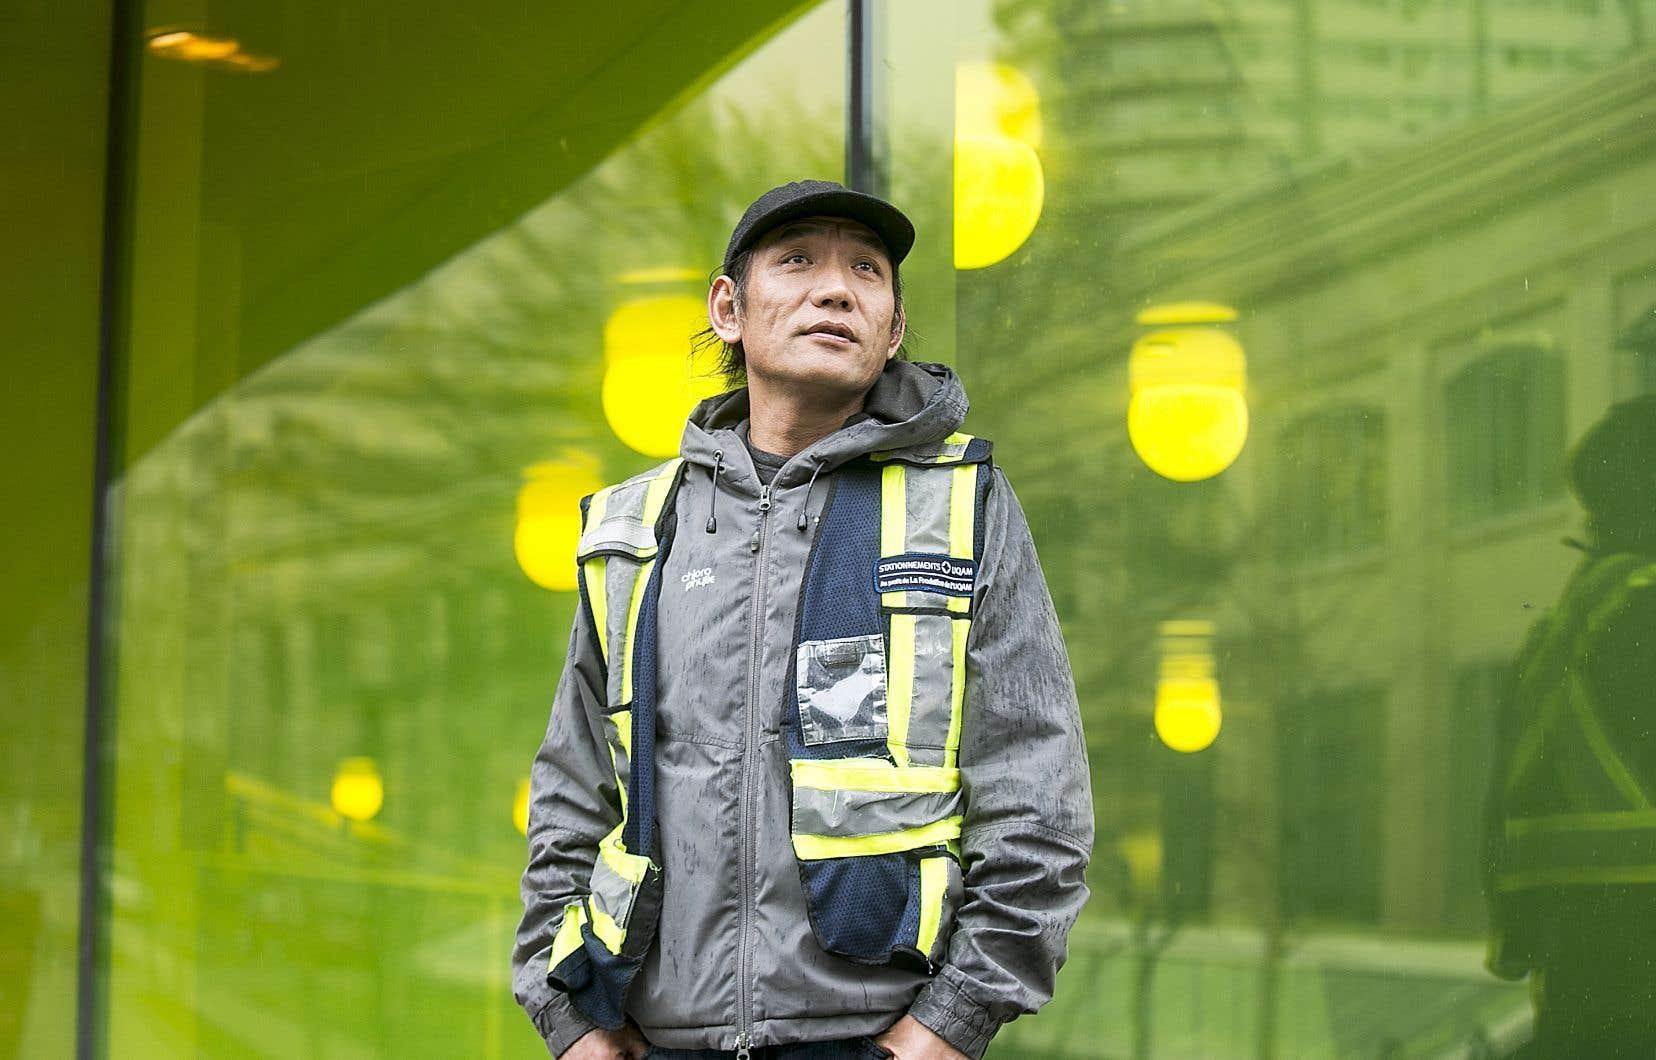 Gyamtso Sotse Jabo est d'origine tibétaine. Il travaille comme préposé au stationnement et s'est fait agresser par des clients qui l'accusaient d'être relié au coronavirus.